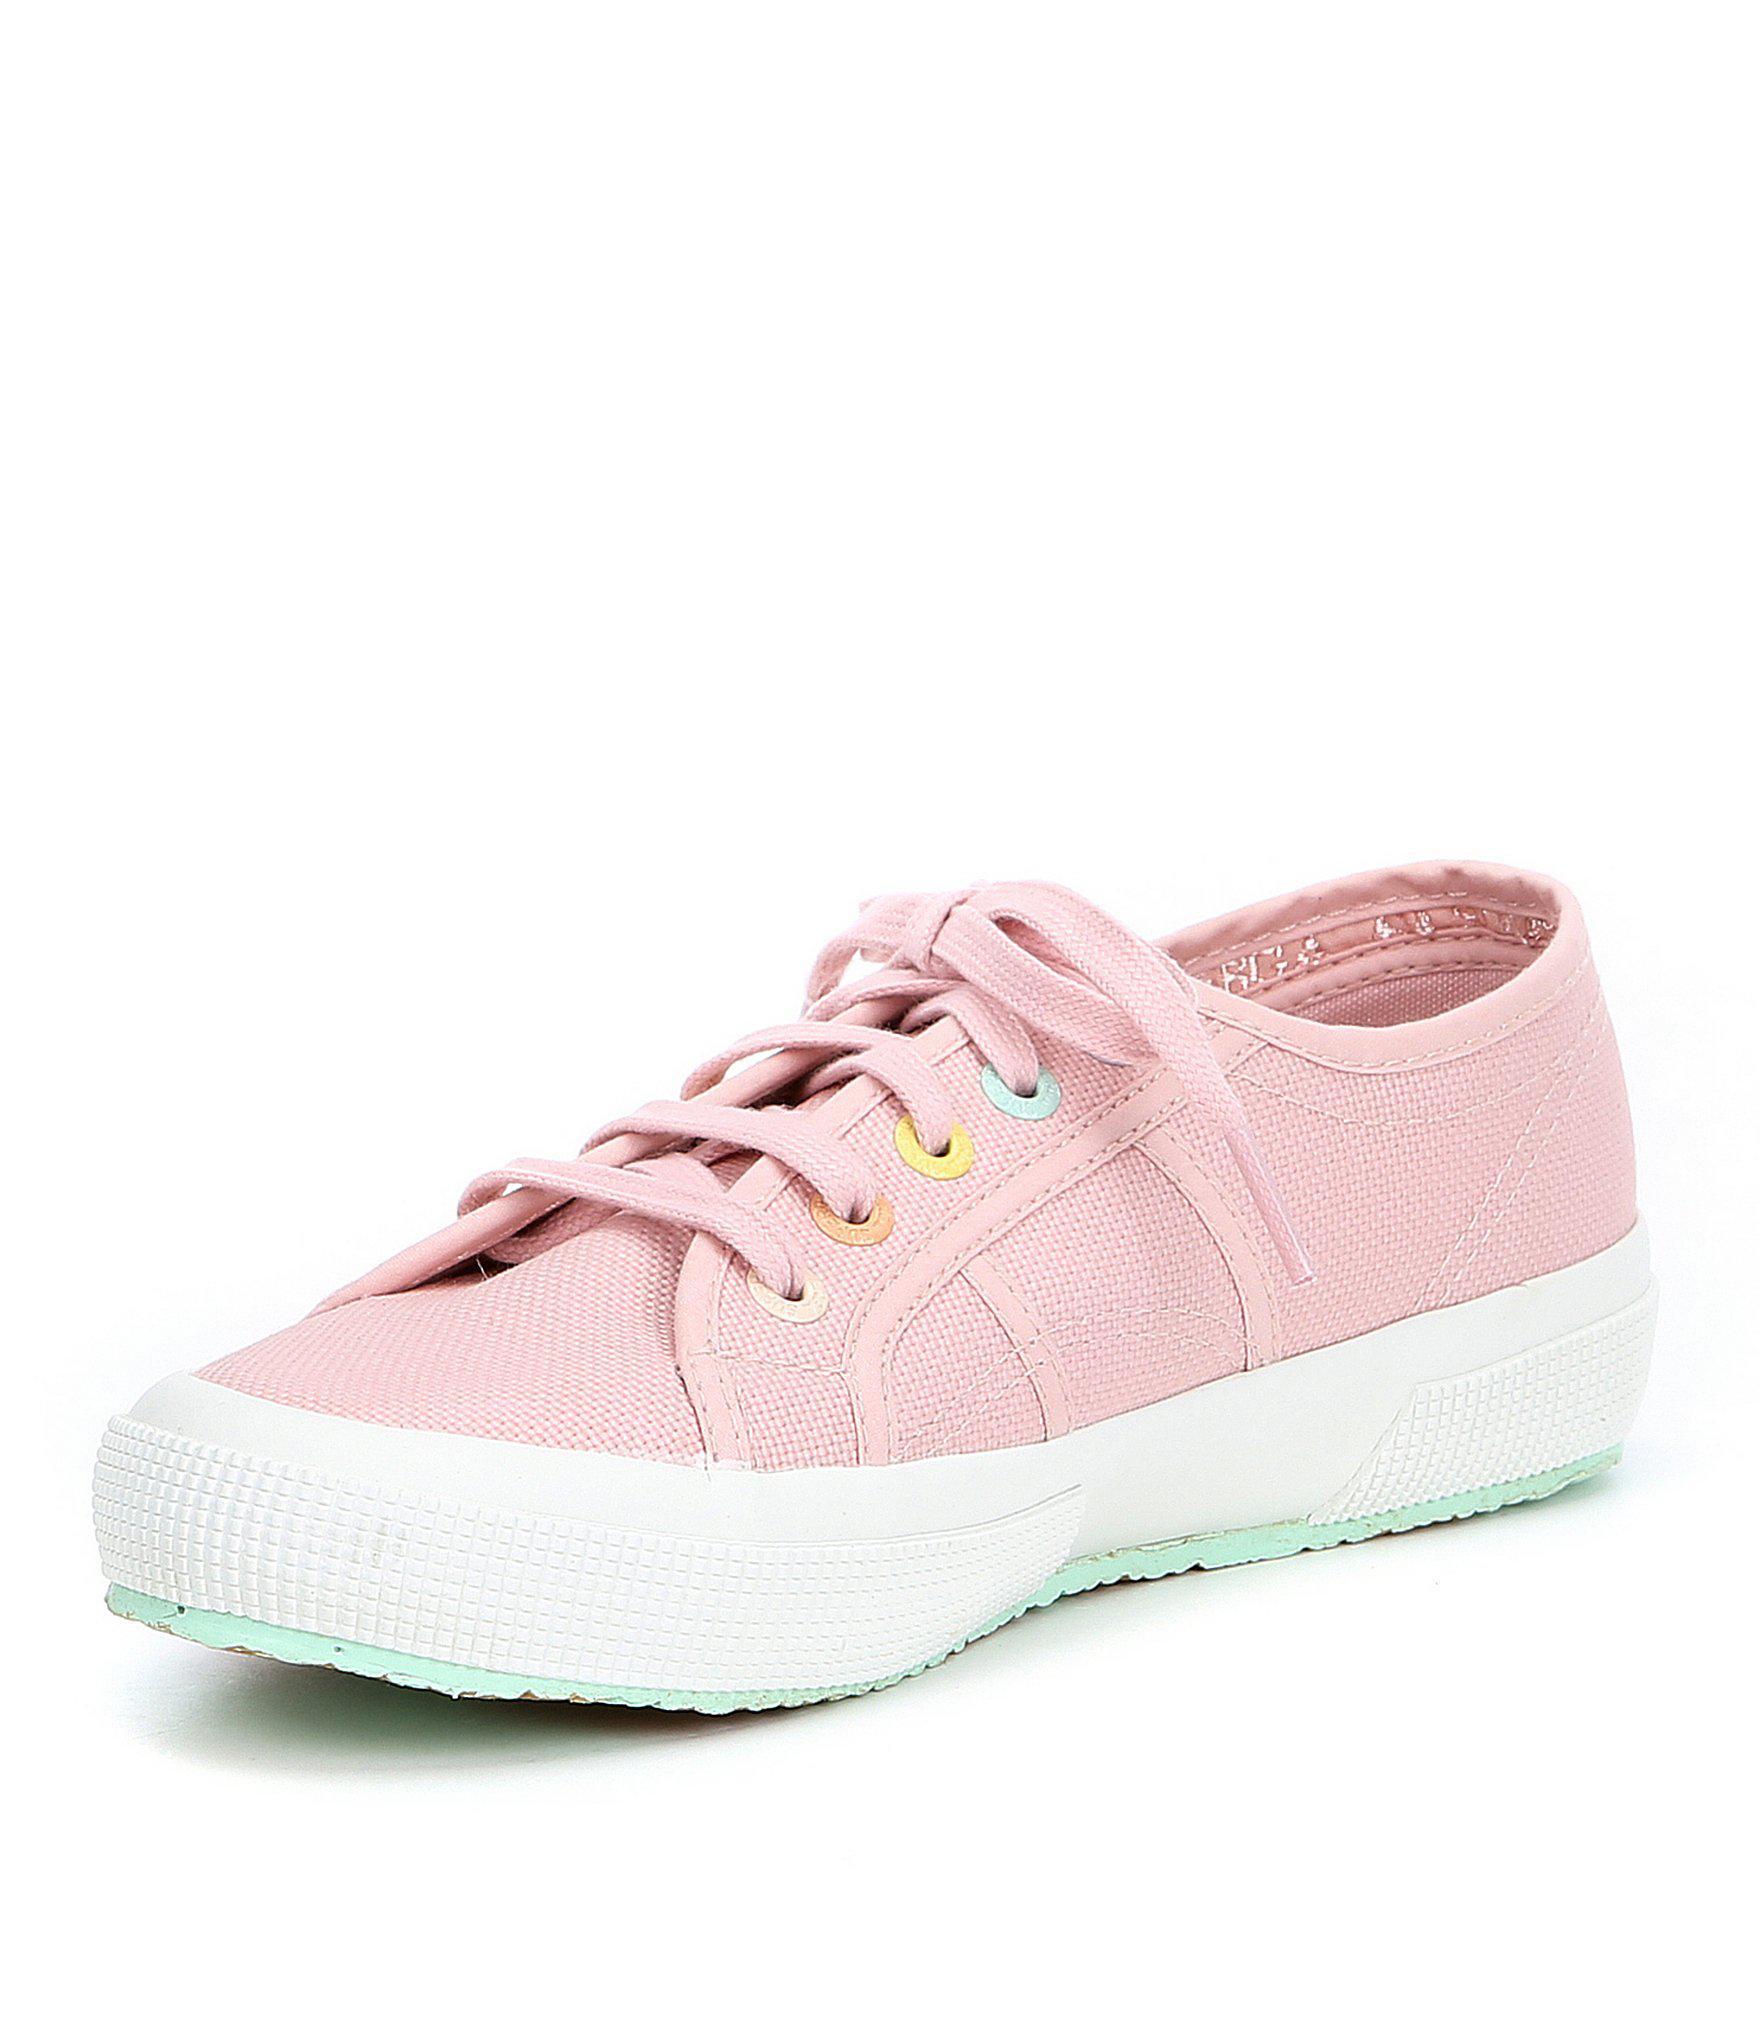 947d2c17af57d Superga Pink 2750 Multi Color Eyelets Sneakers